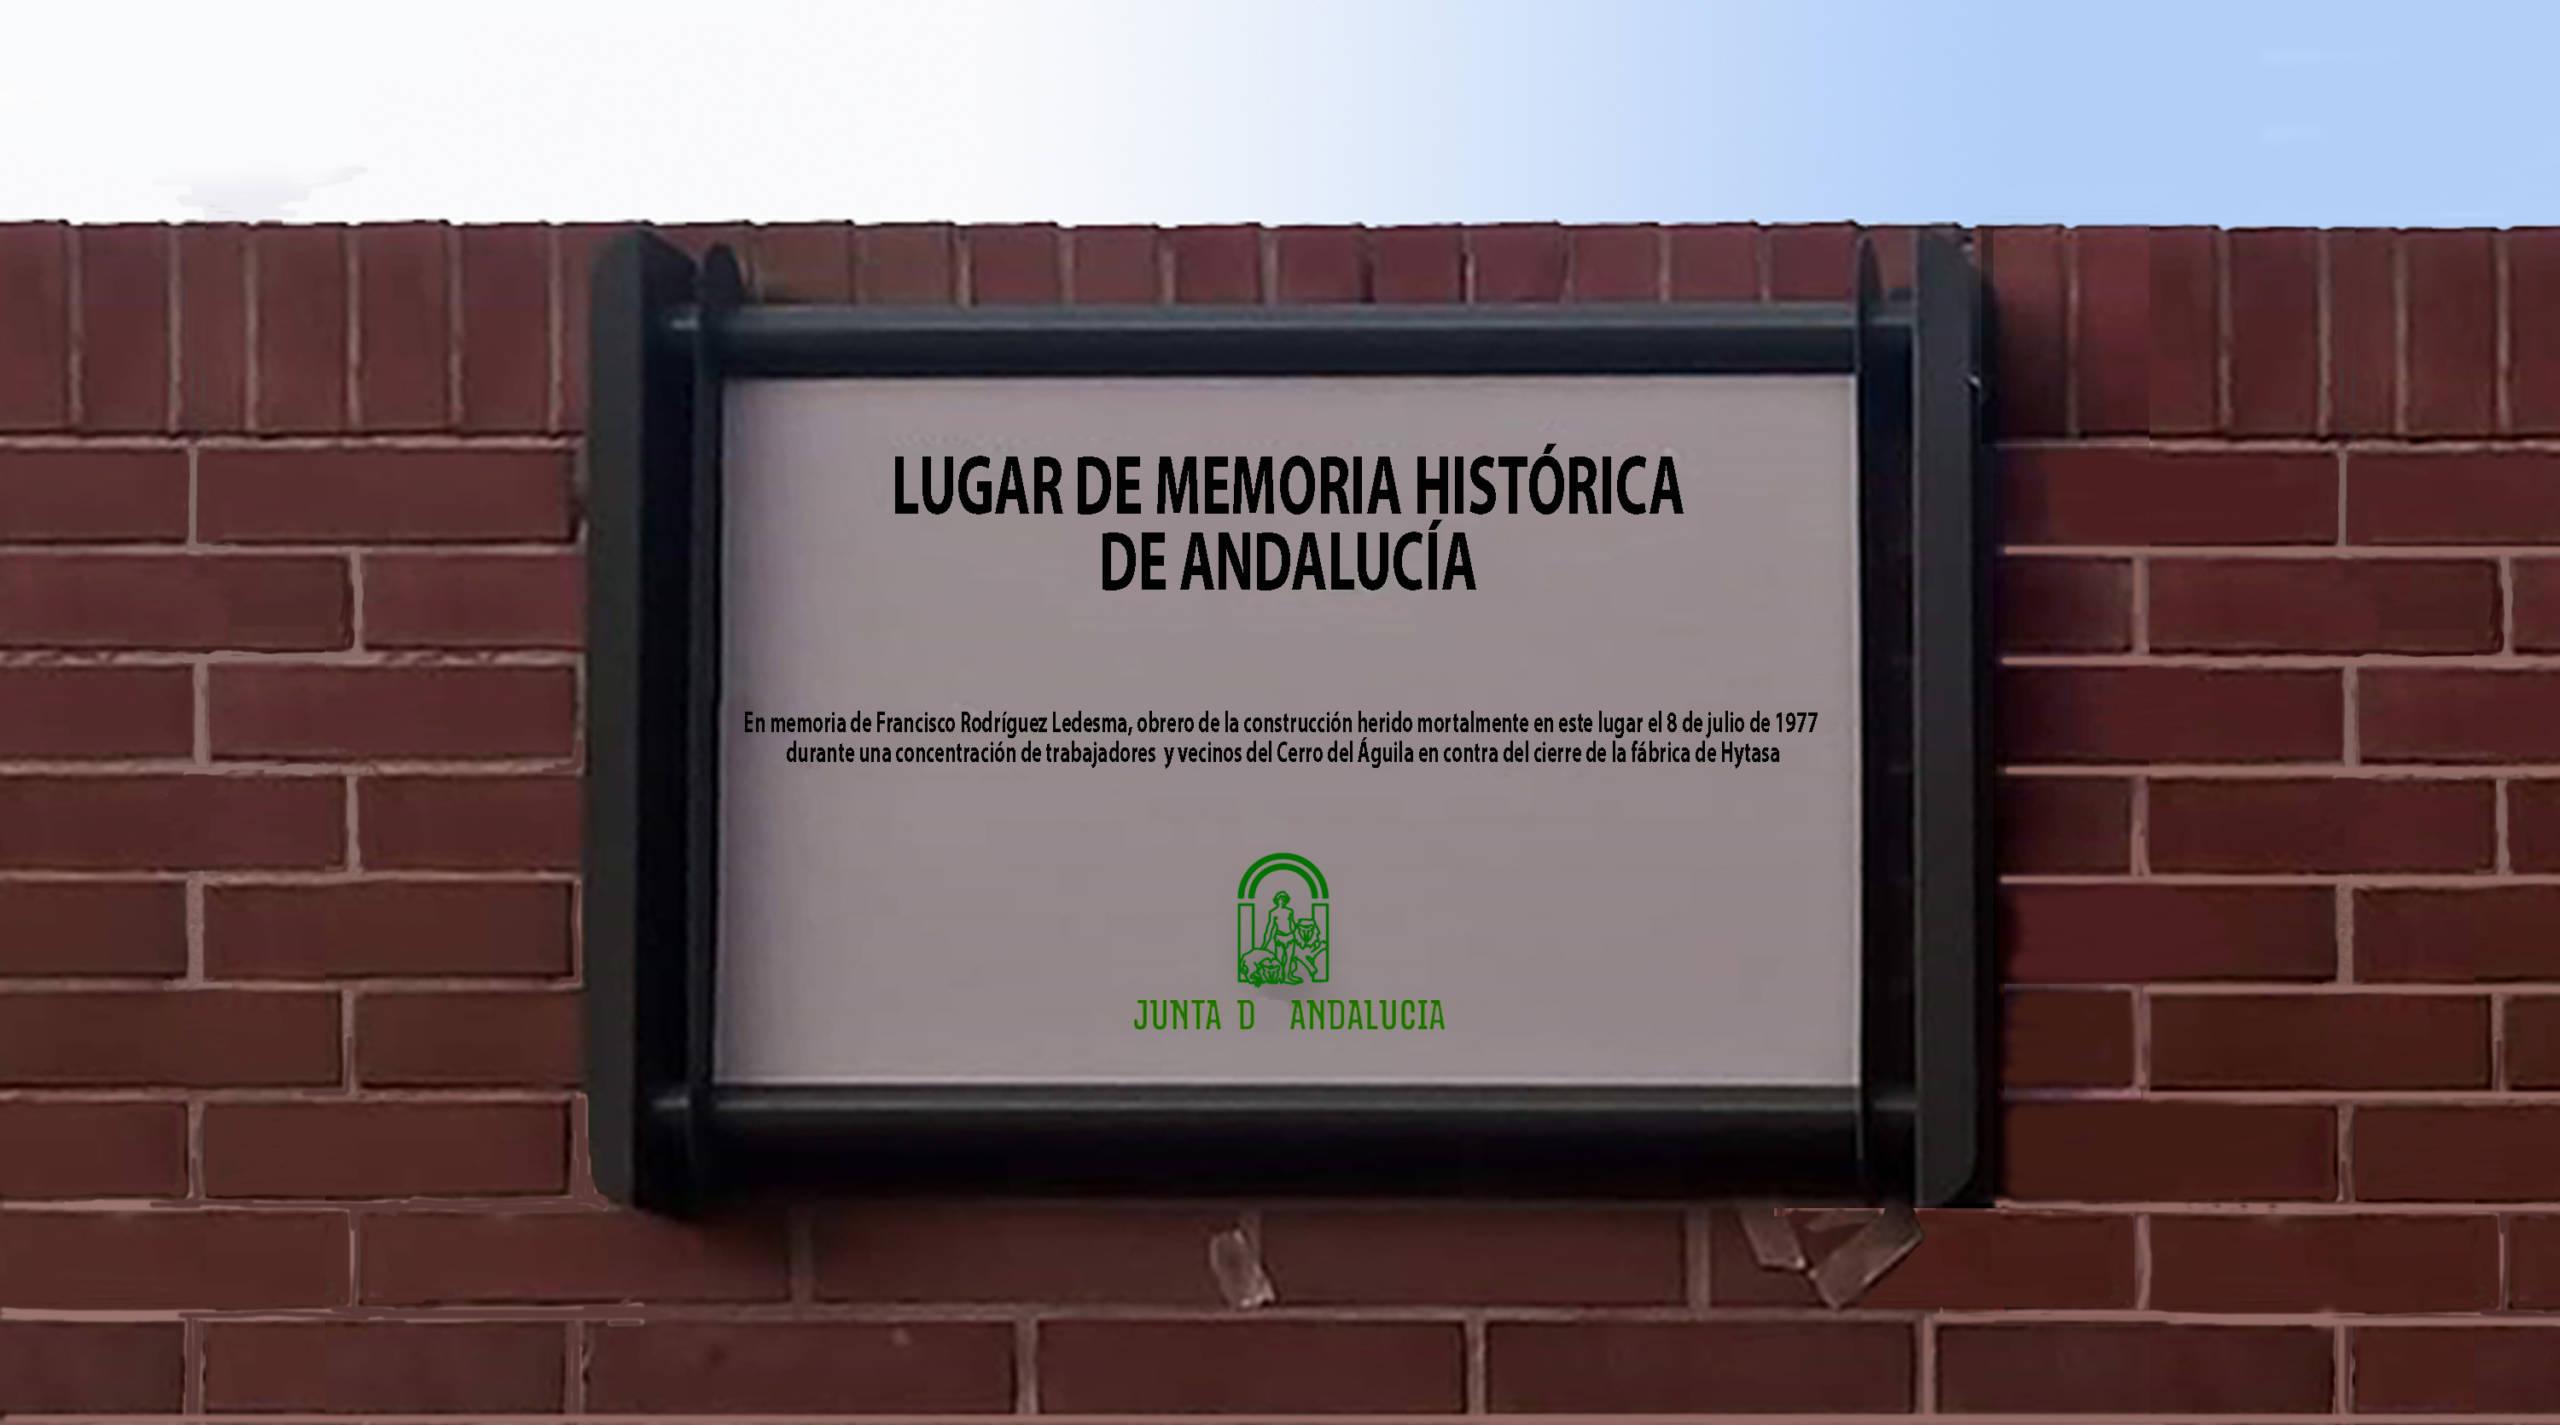 Homenaje a Francisco Rodríguez Ledesma 3